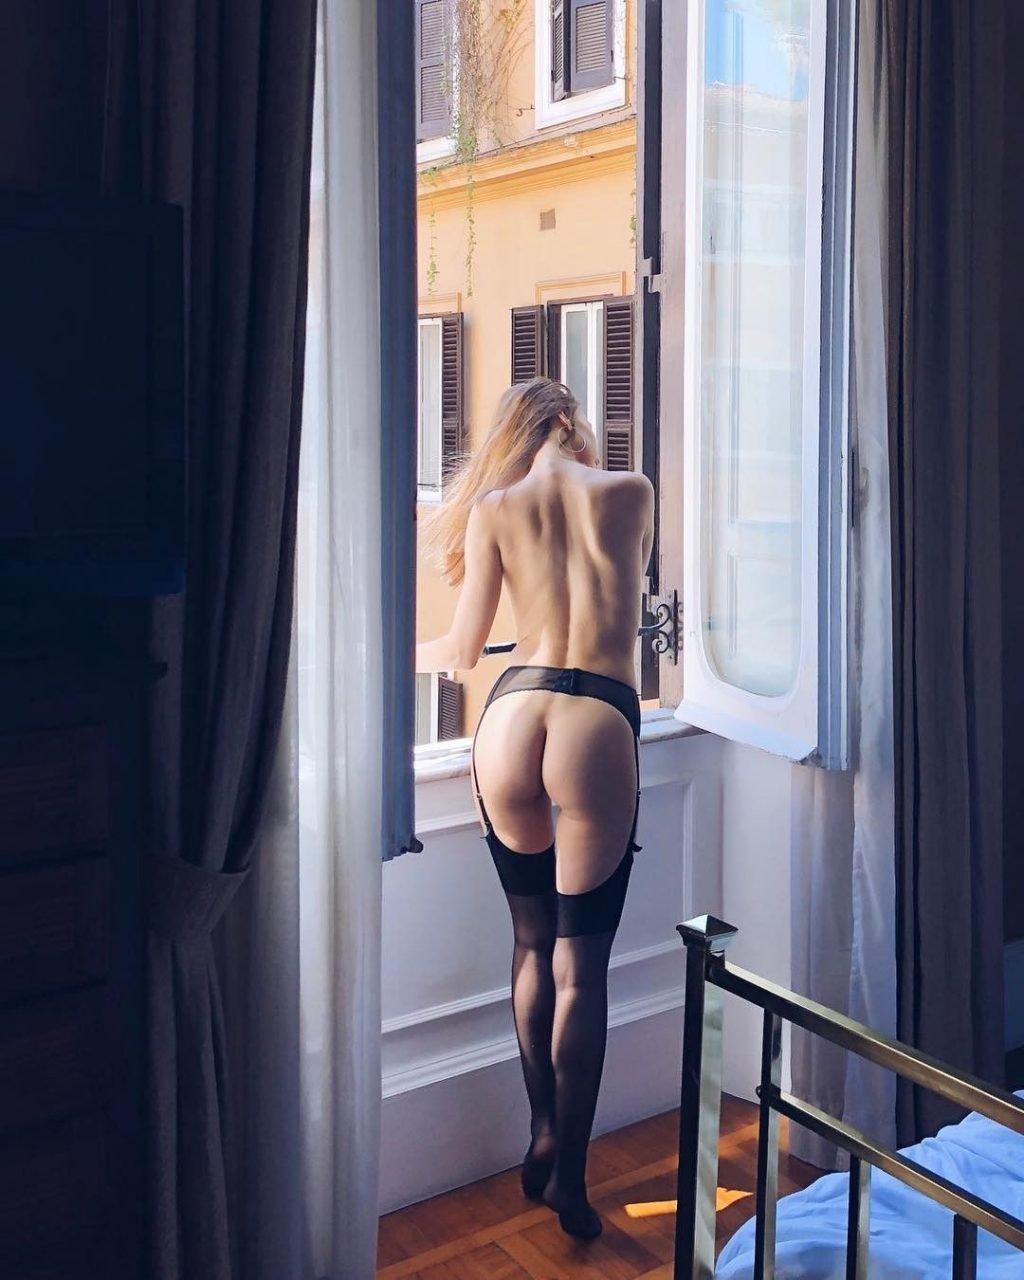 Anna Venice Nude & Sexy (59 Photos)